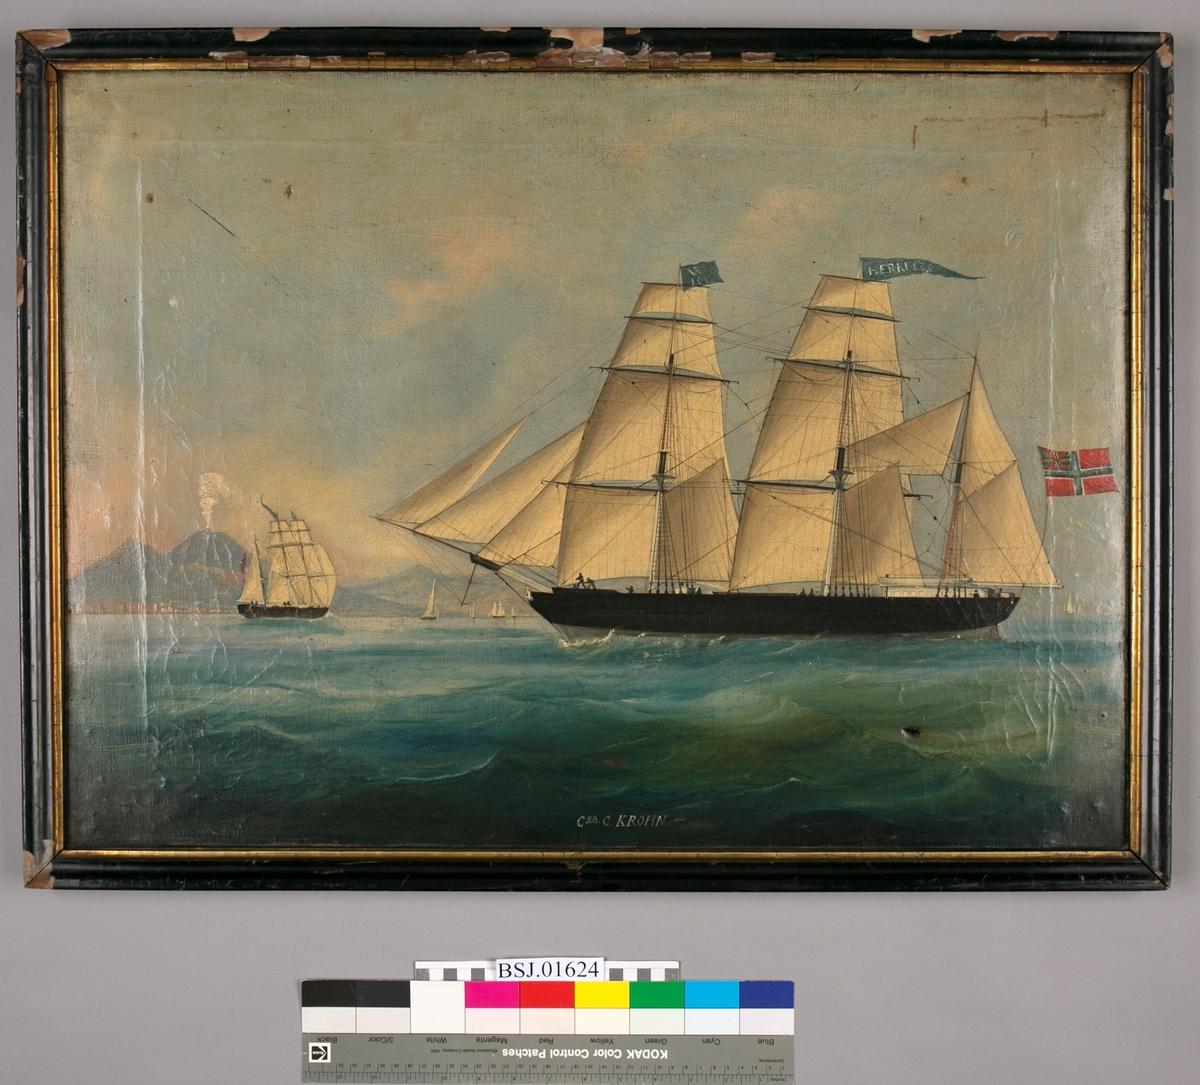 Skipsportrett av bark HERKULES, trolig utenfor Napoli med vulkanen Vesuv i bakgrunn. Unionsflagget (sildesalaten) akter. Signalflagg W101